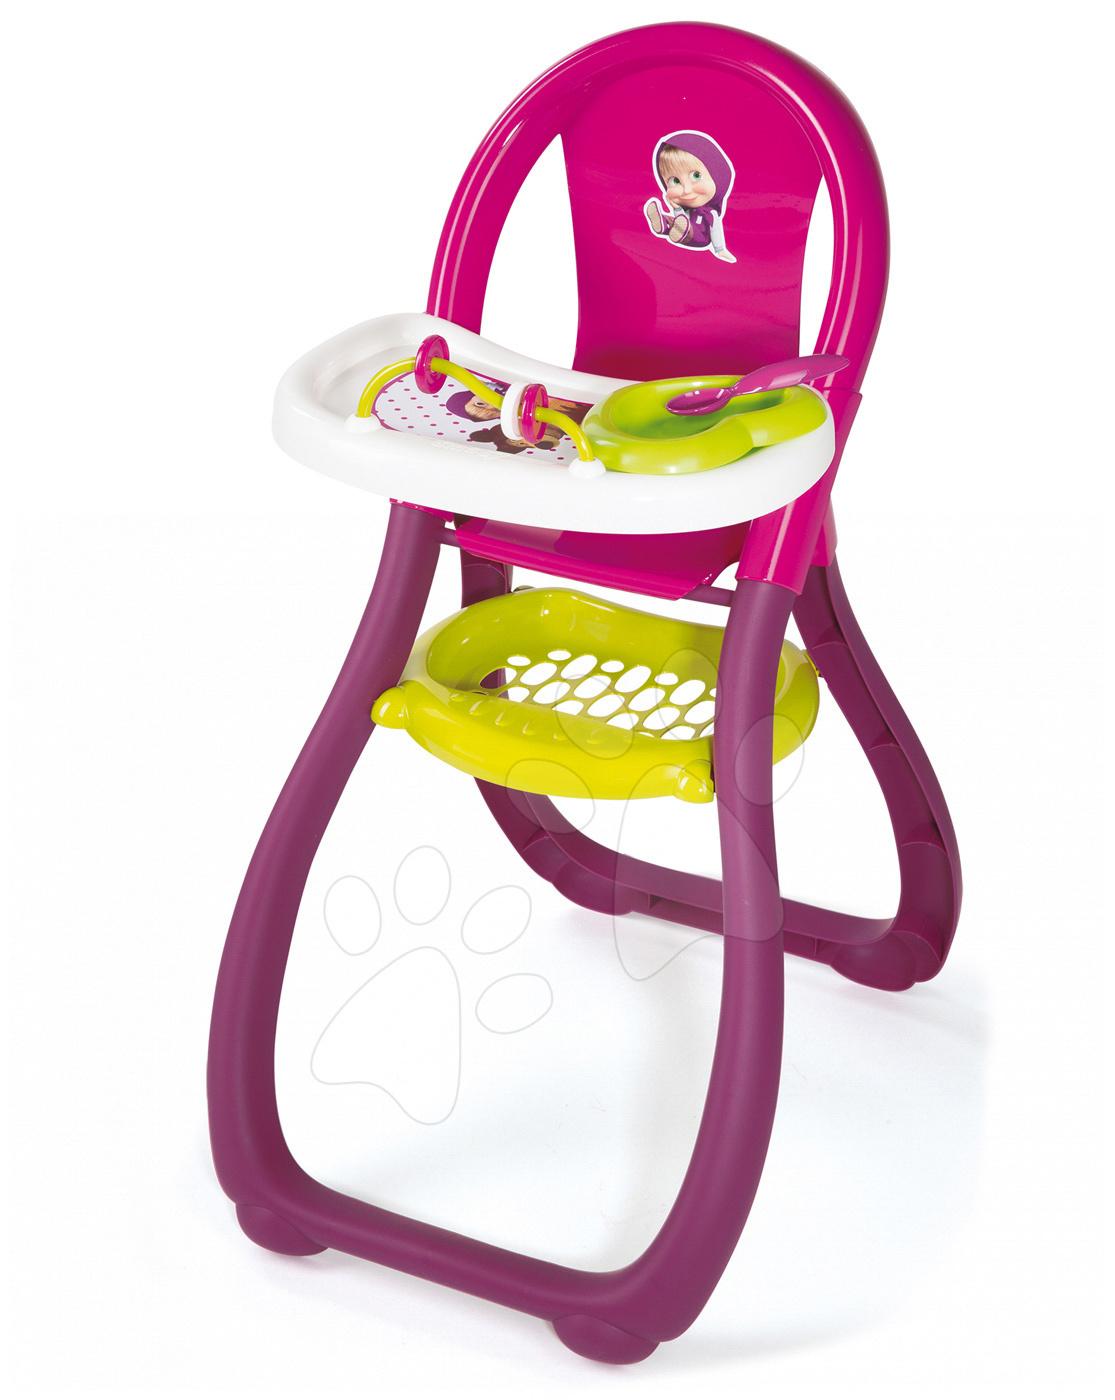 Jídelní židle Máša a medvěd Smoby pro 42 cm panenku s doplňky od 18 měsíců